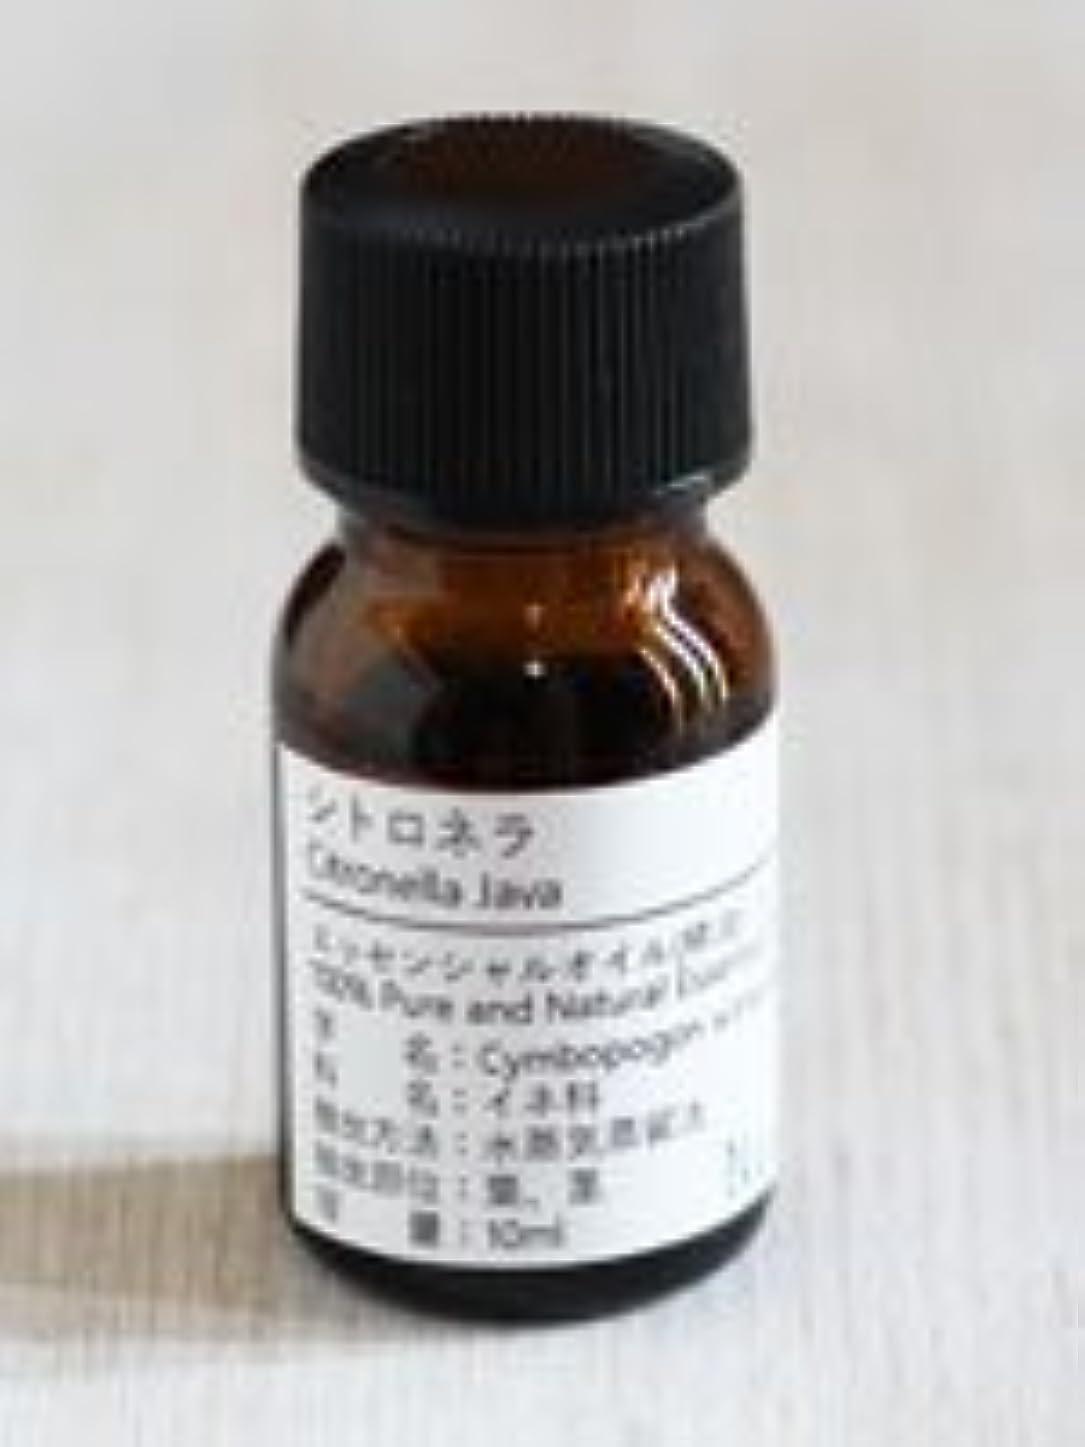 虫カスケード致命的Natural蒼 シトロネラ/エッセンシャルオイル 精油天然100% (10ml)